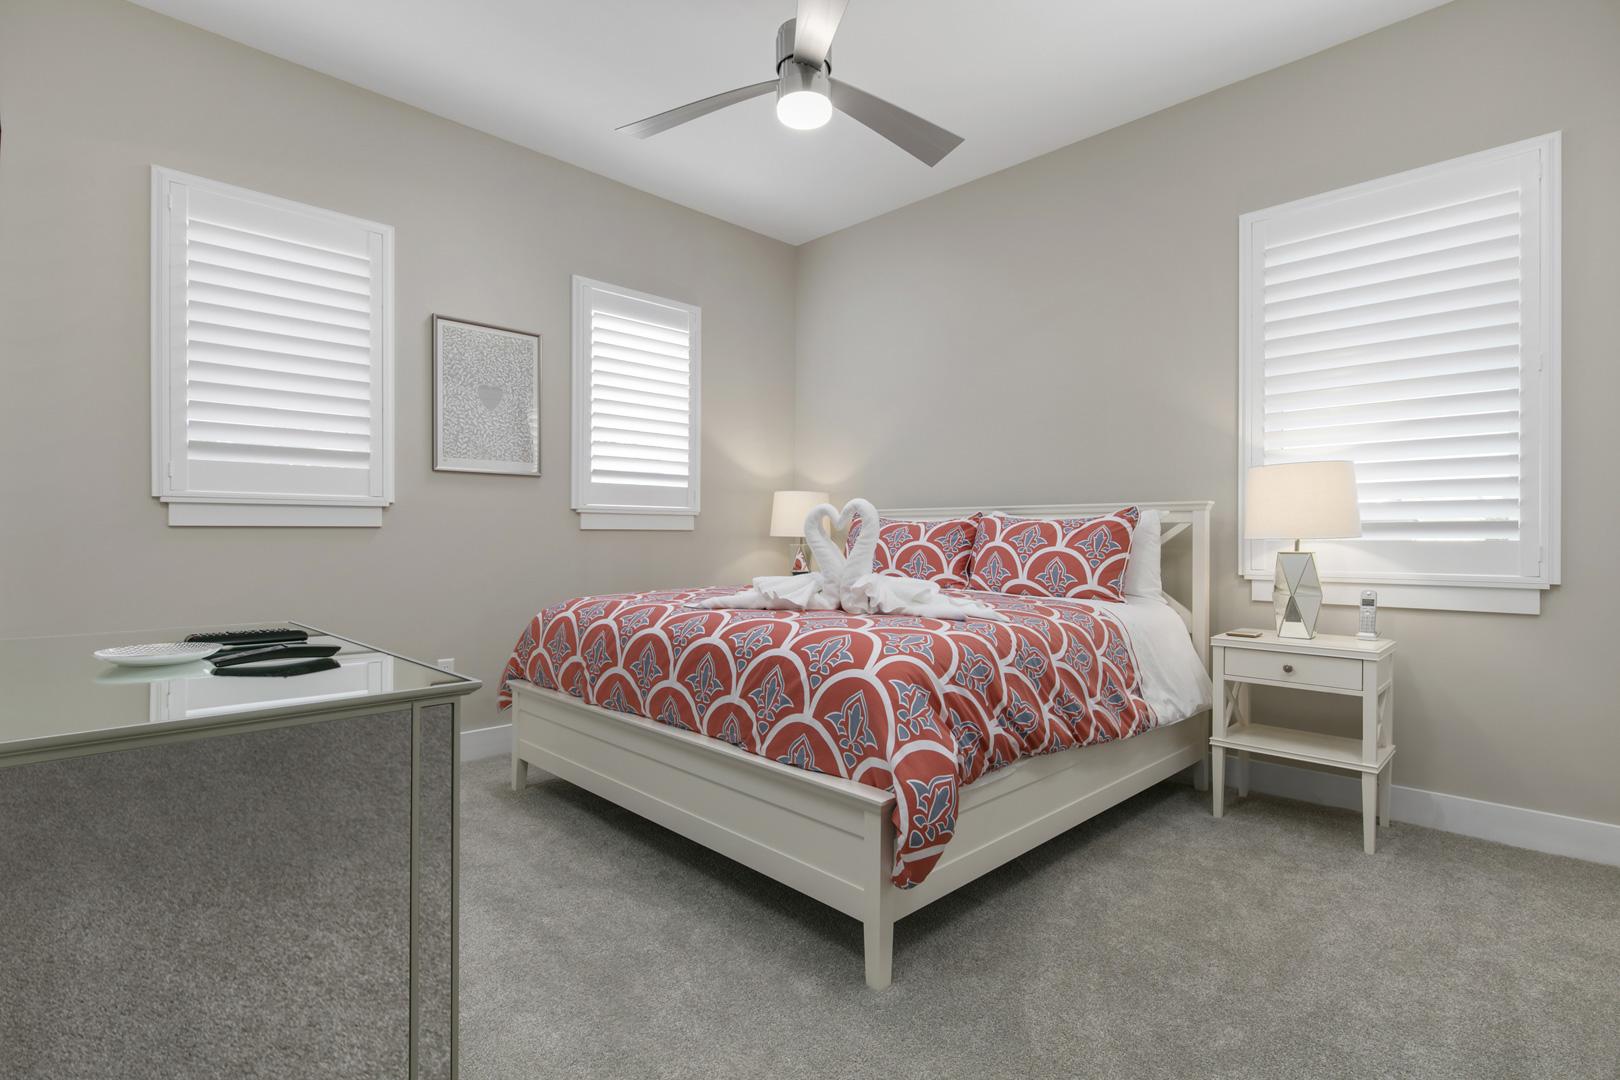 Bedrooms16